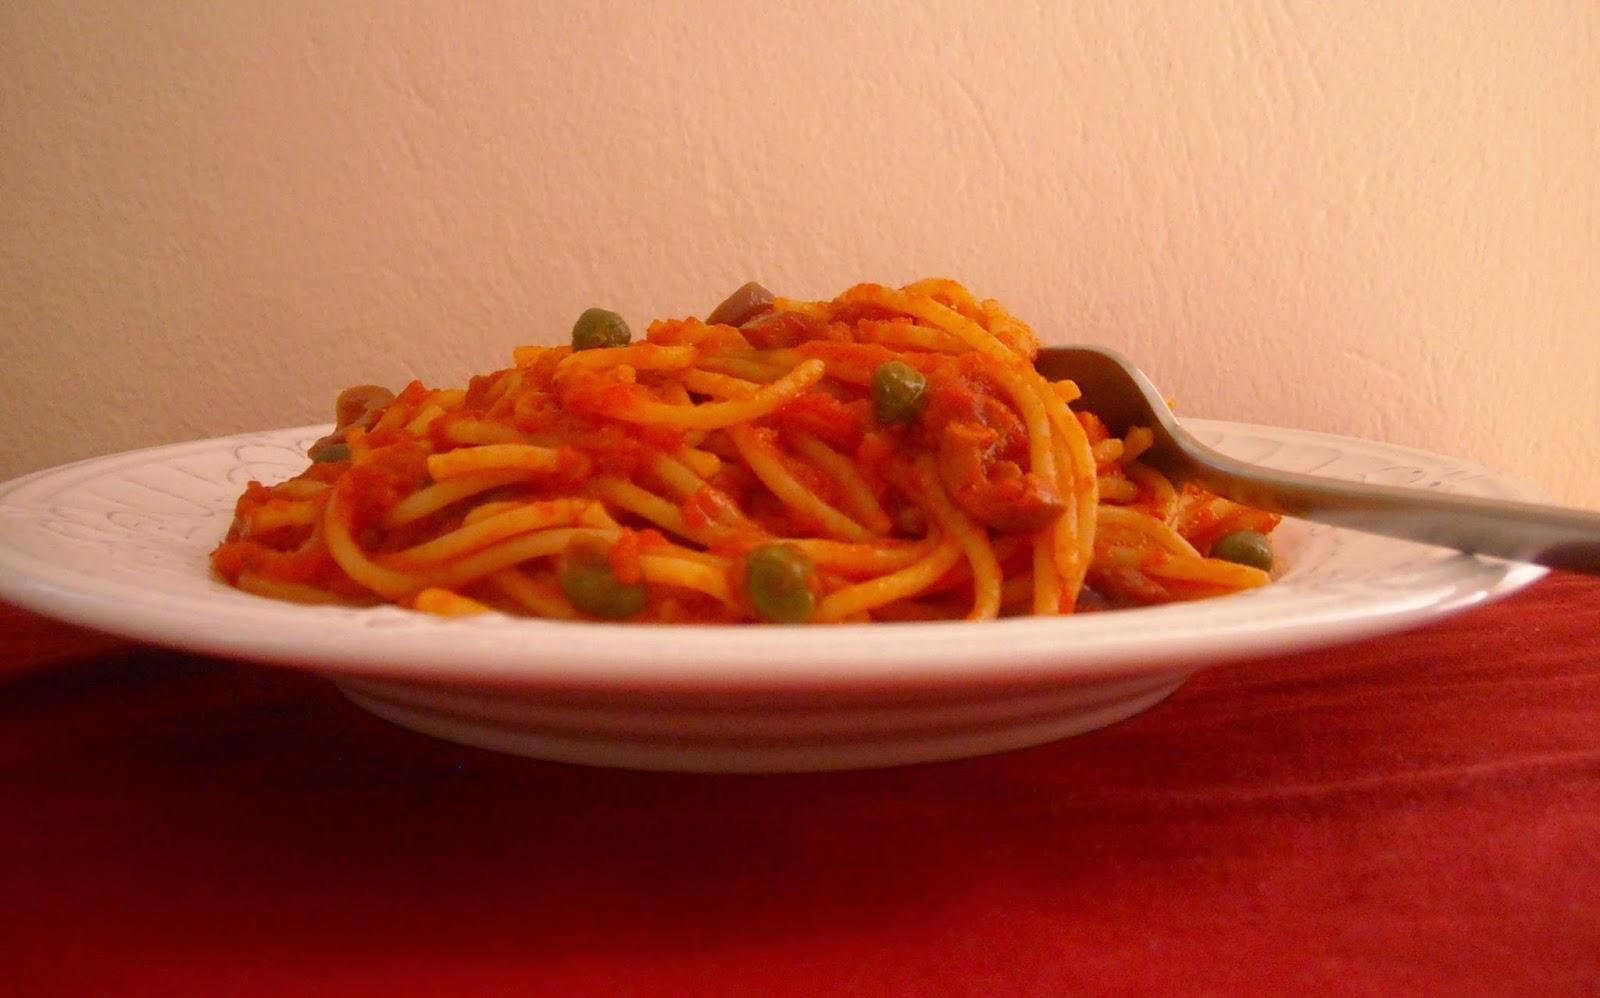 Spaghetti House – Spaghetti alla puttanesca